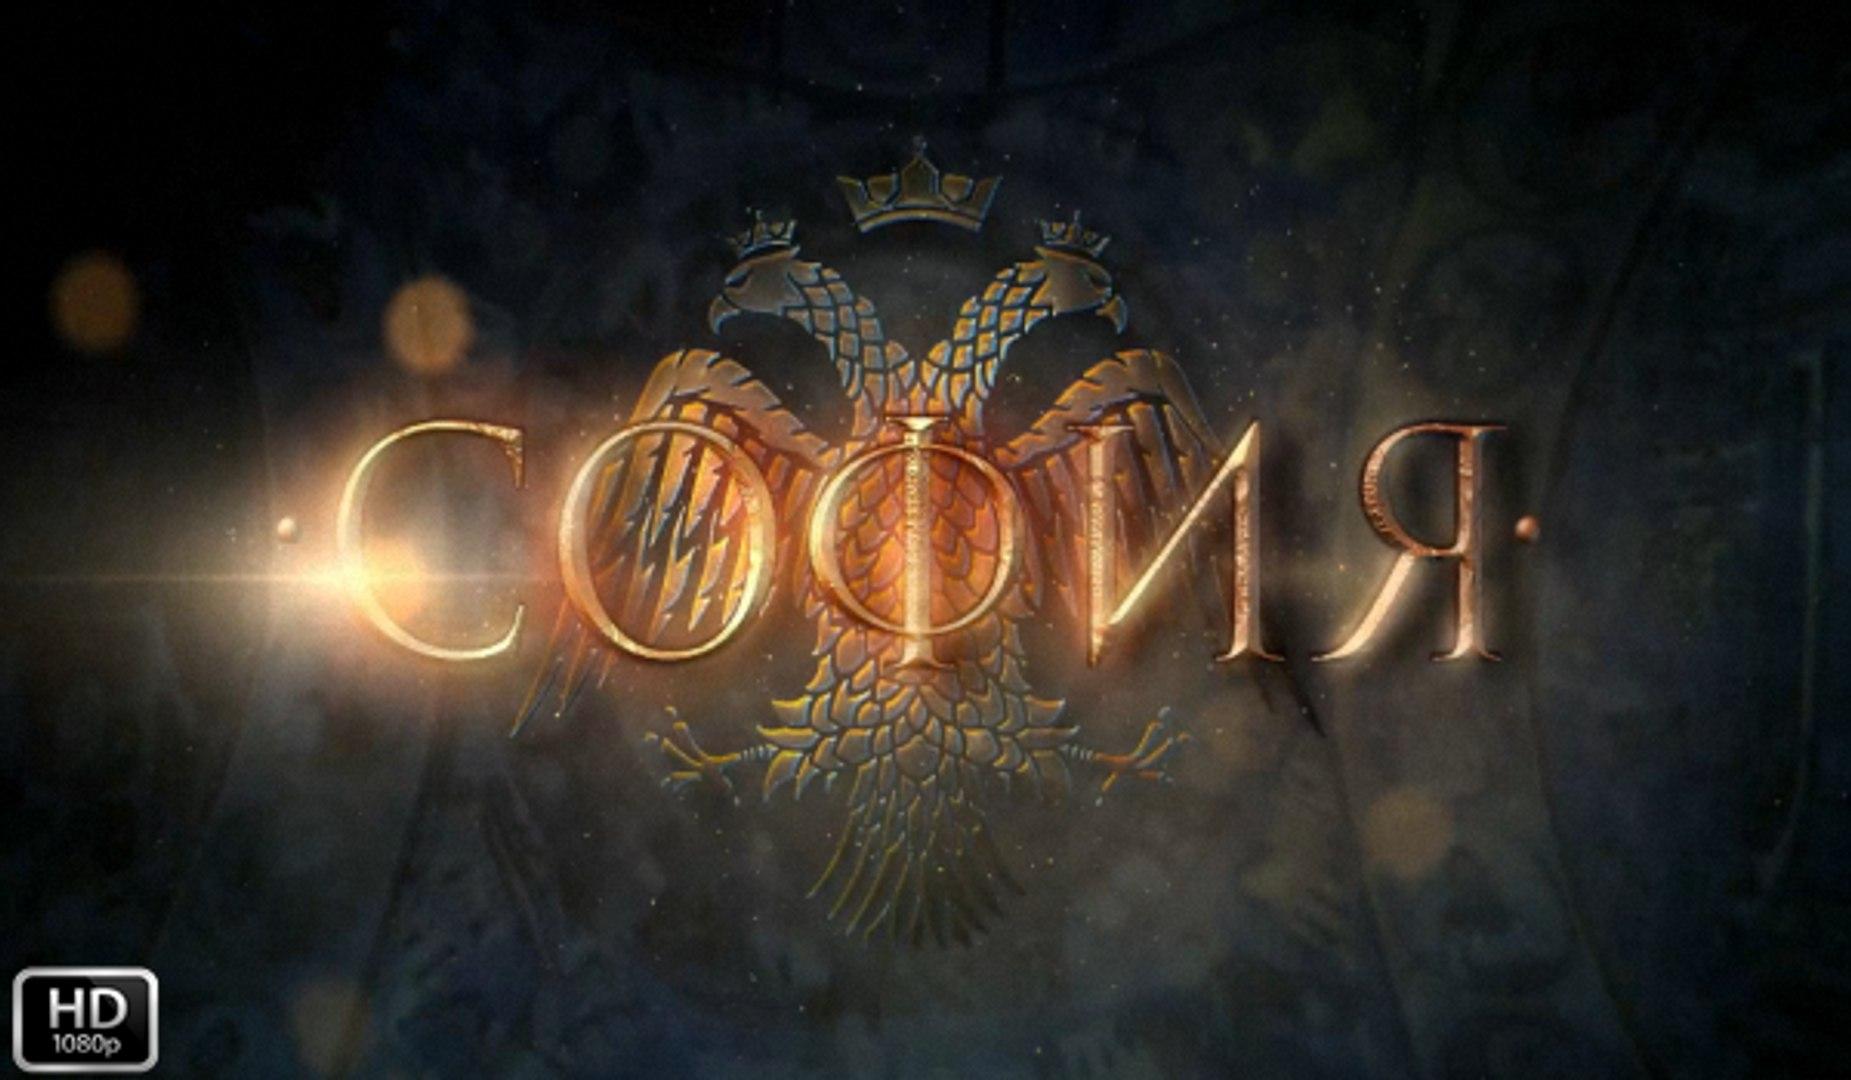 София 5 серия (2016) Сериал HD (1080p)